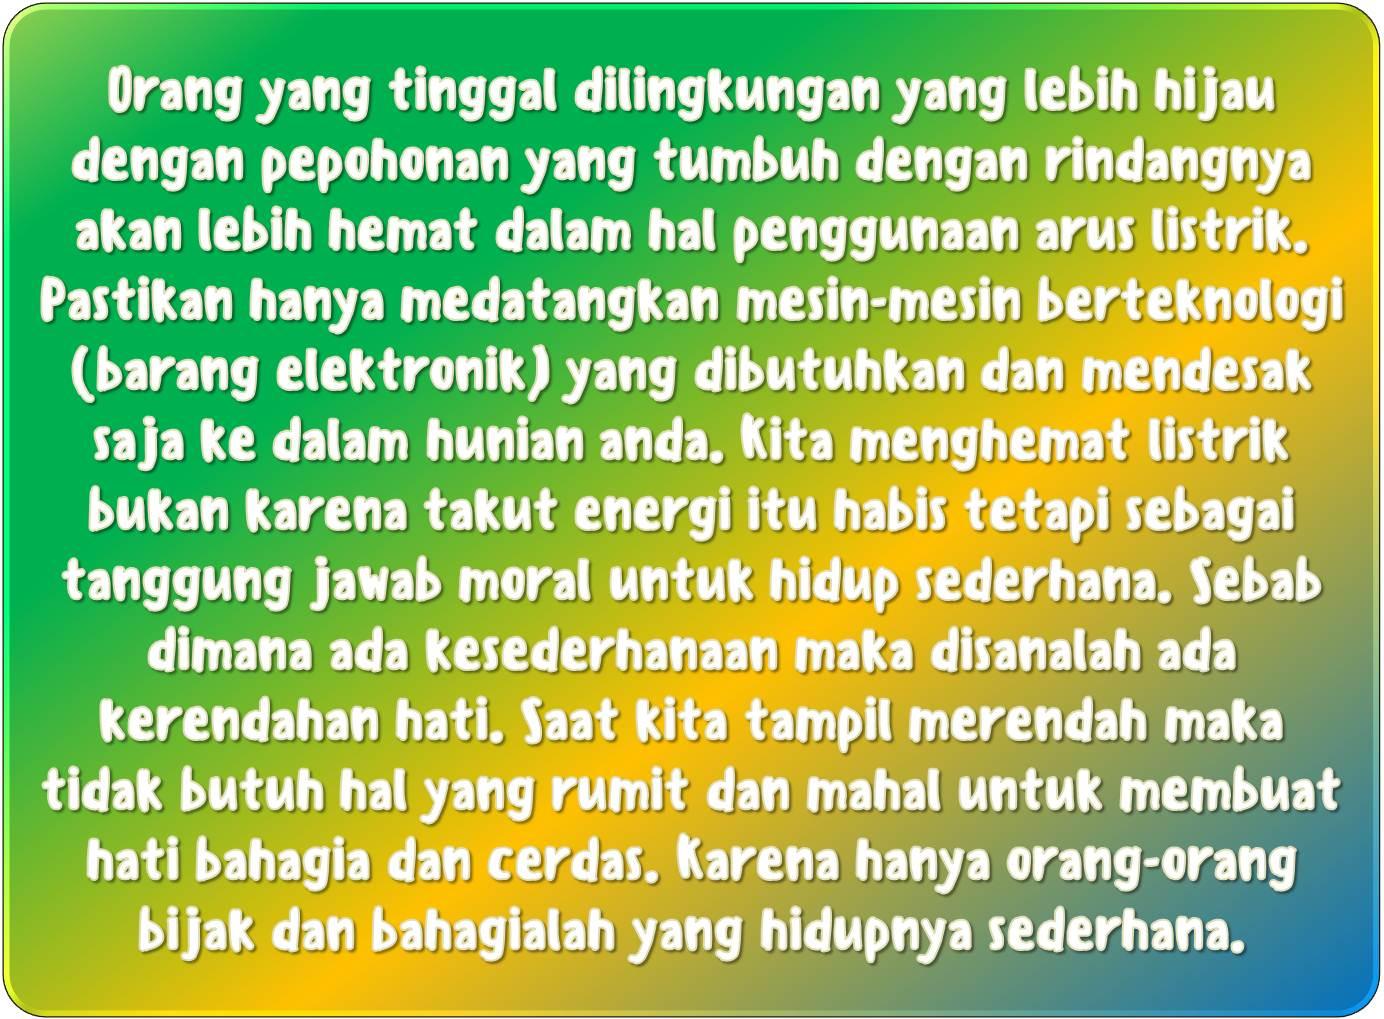 hidup sederhana menghemat listrik untuk